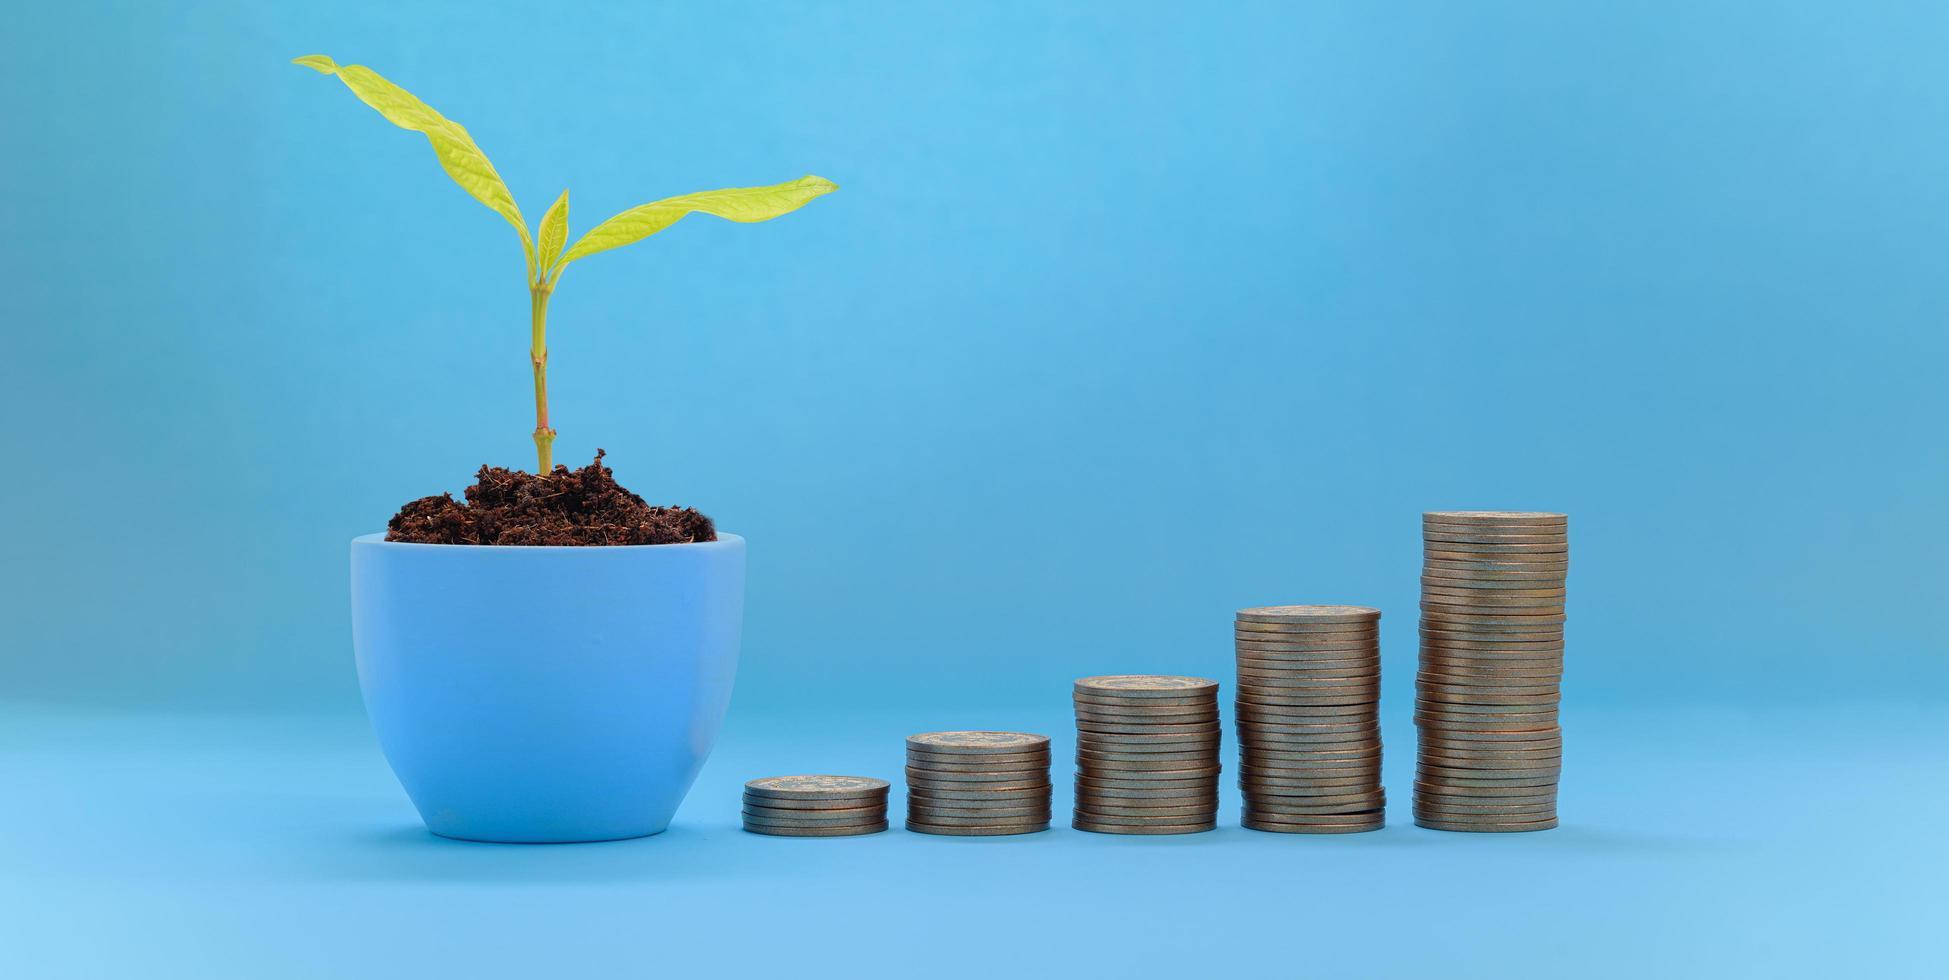 gestapelde munten investeringsvoorraad groei foto